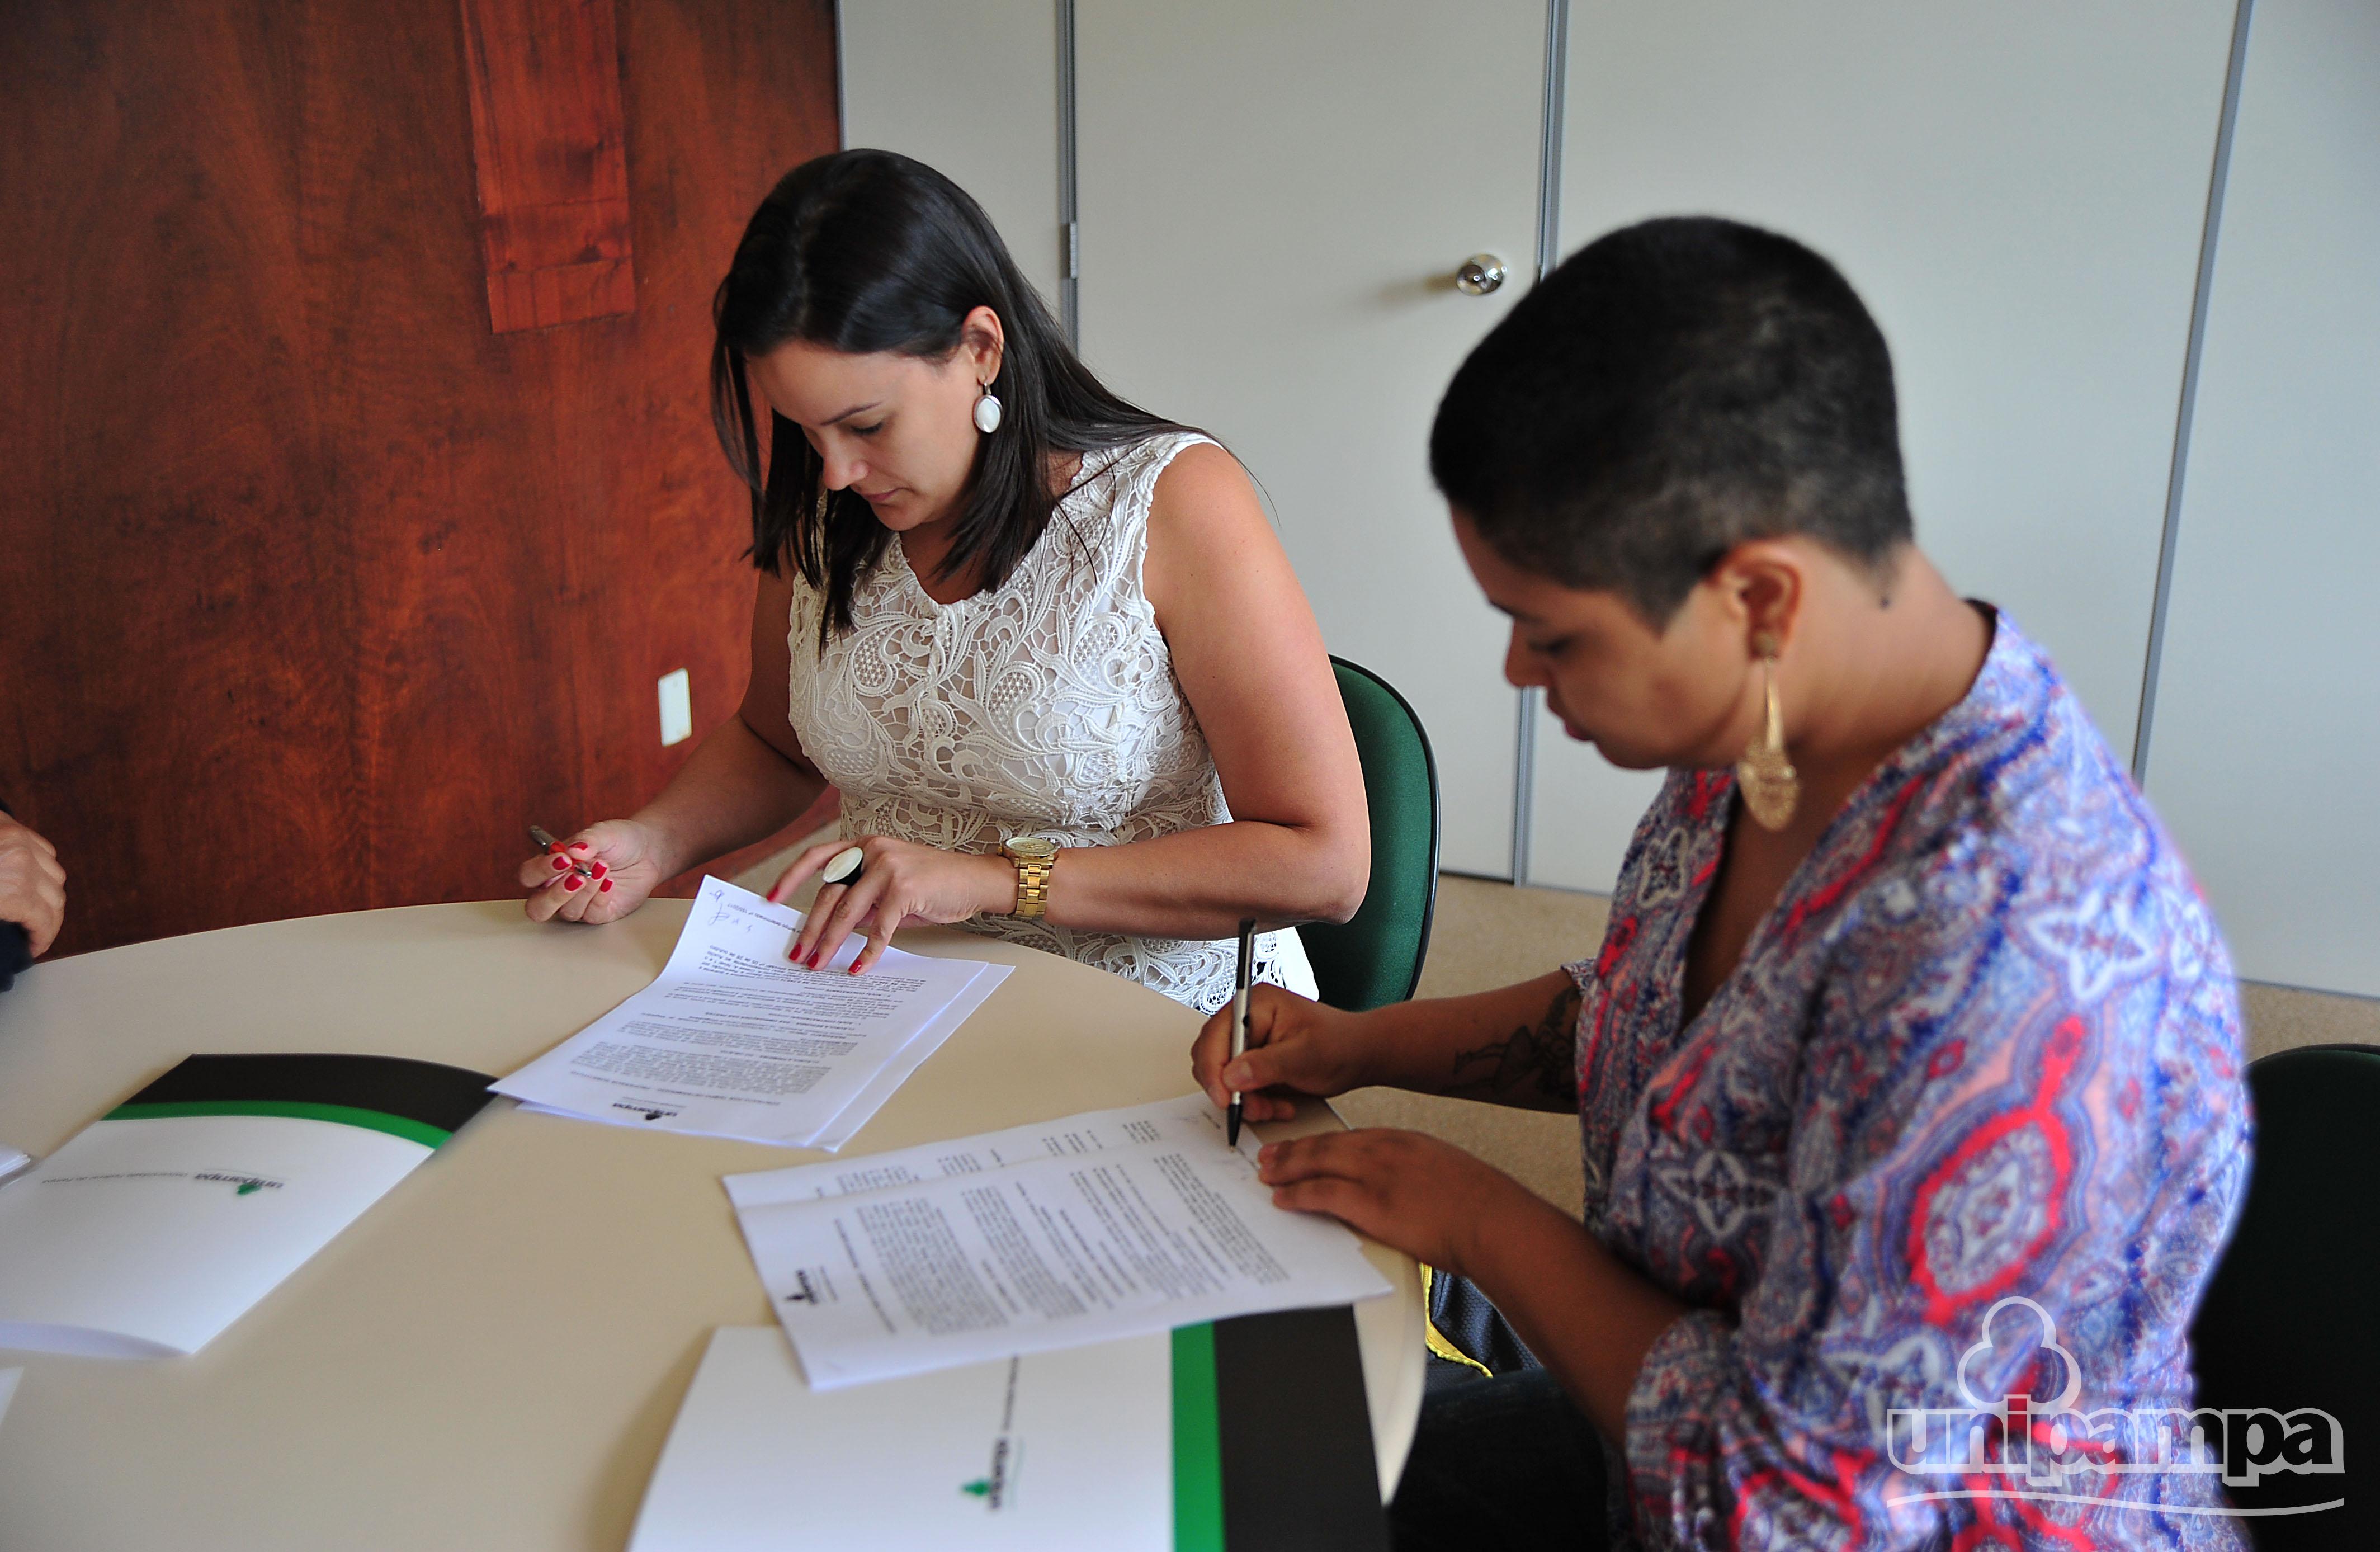 Duas mulheres sentadas em uma mesa branca, de cabeça baixa, com a caneta na mão e segurando um papel.